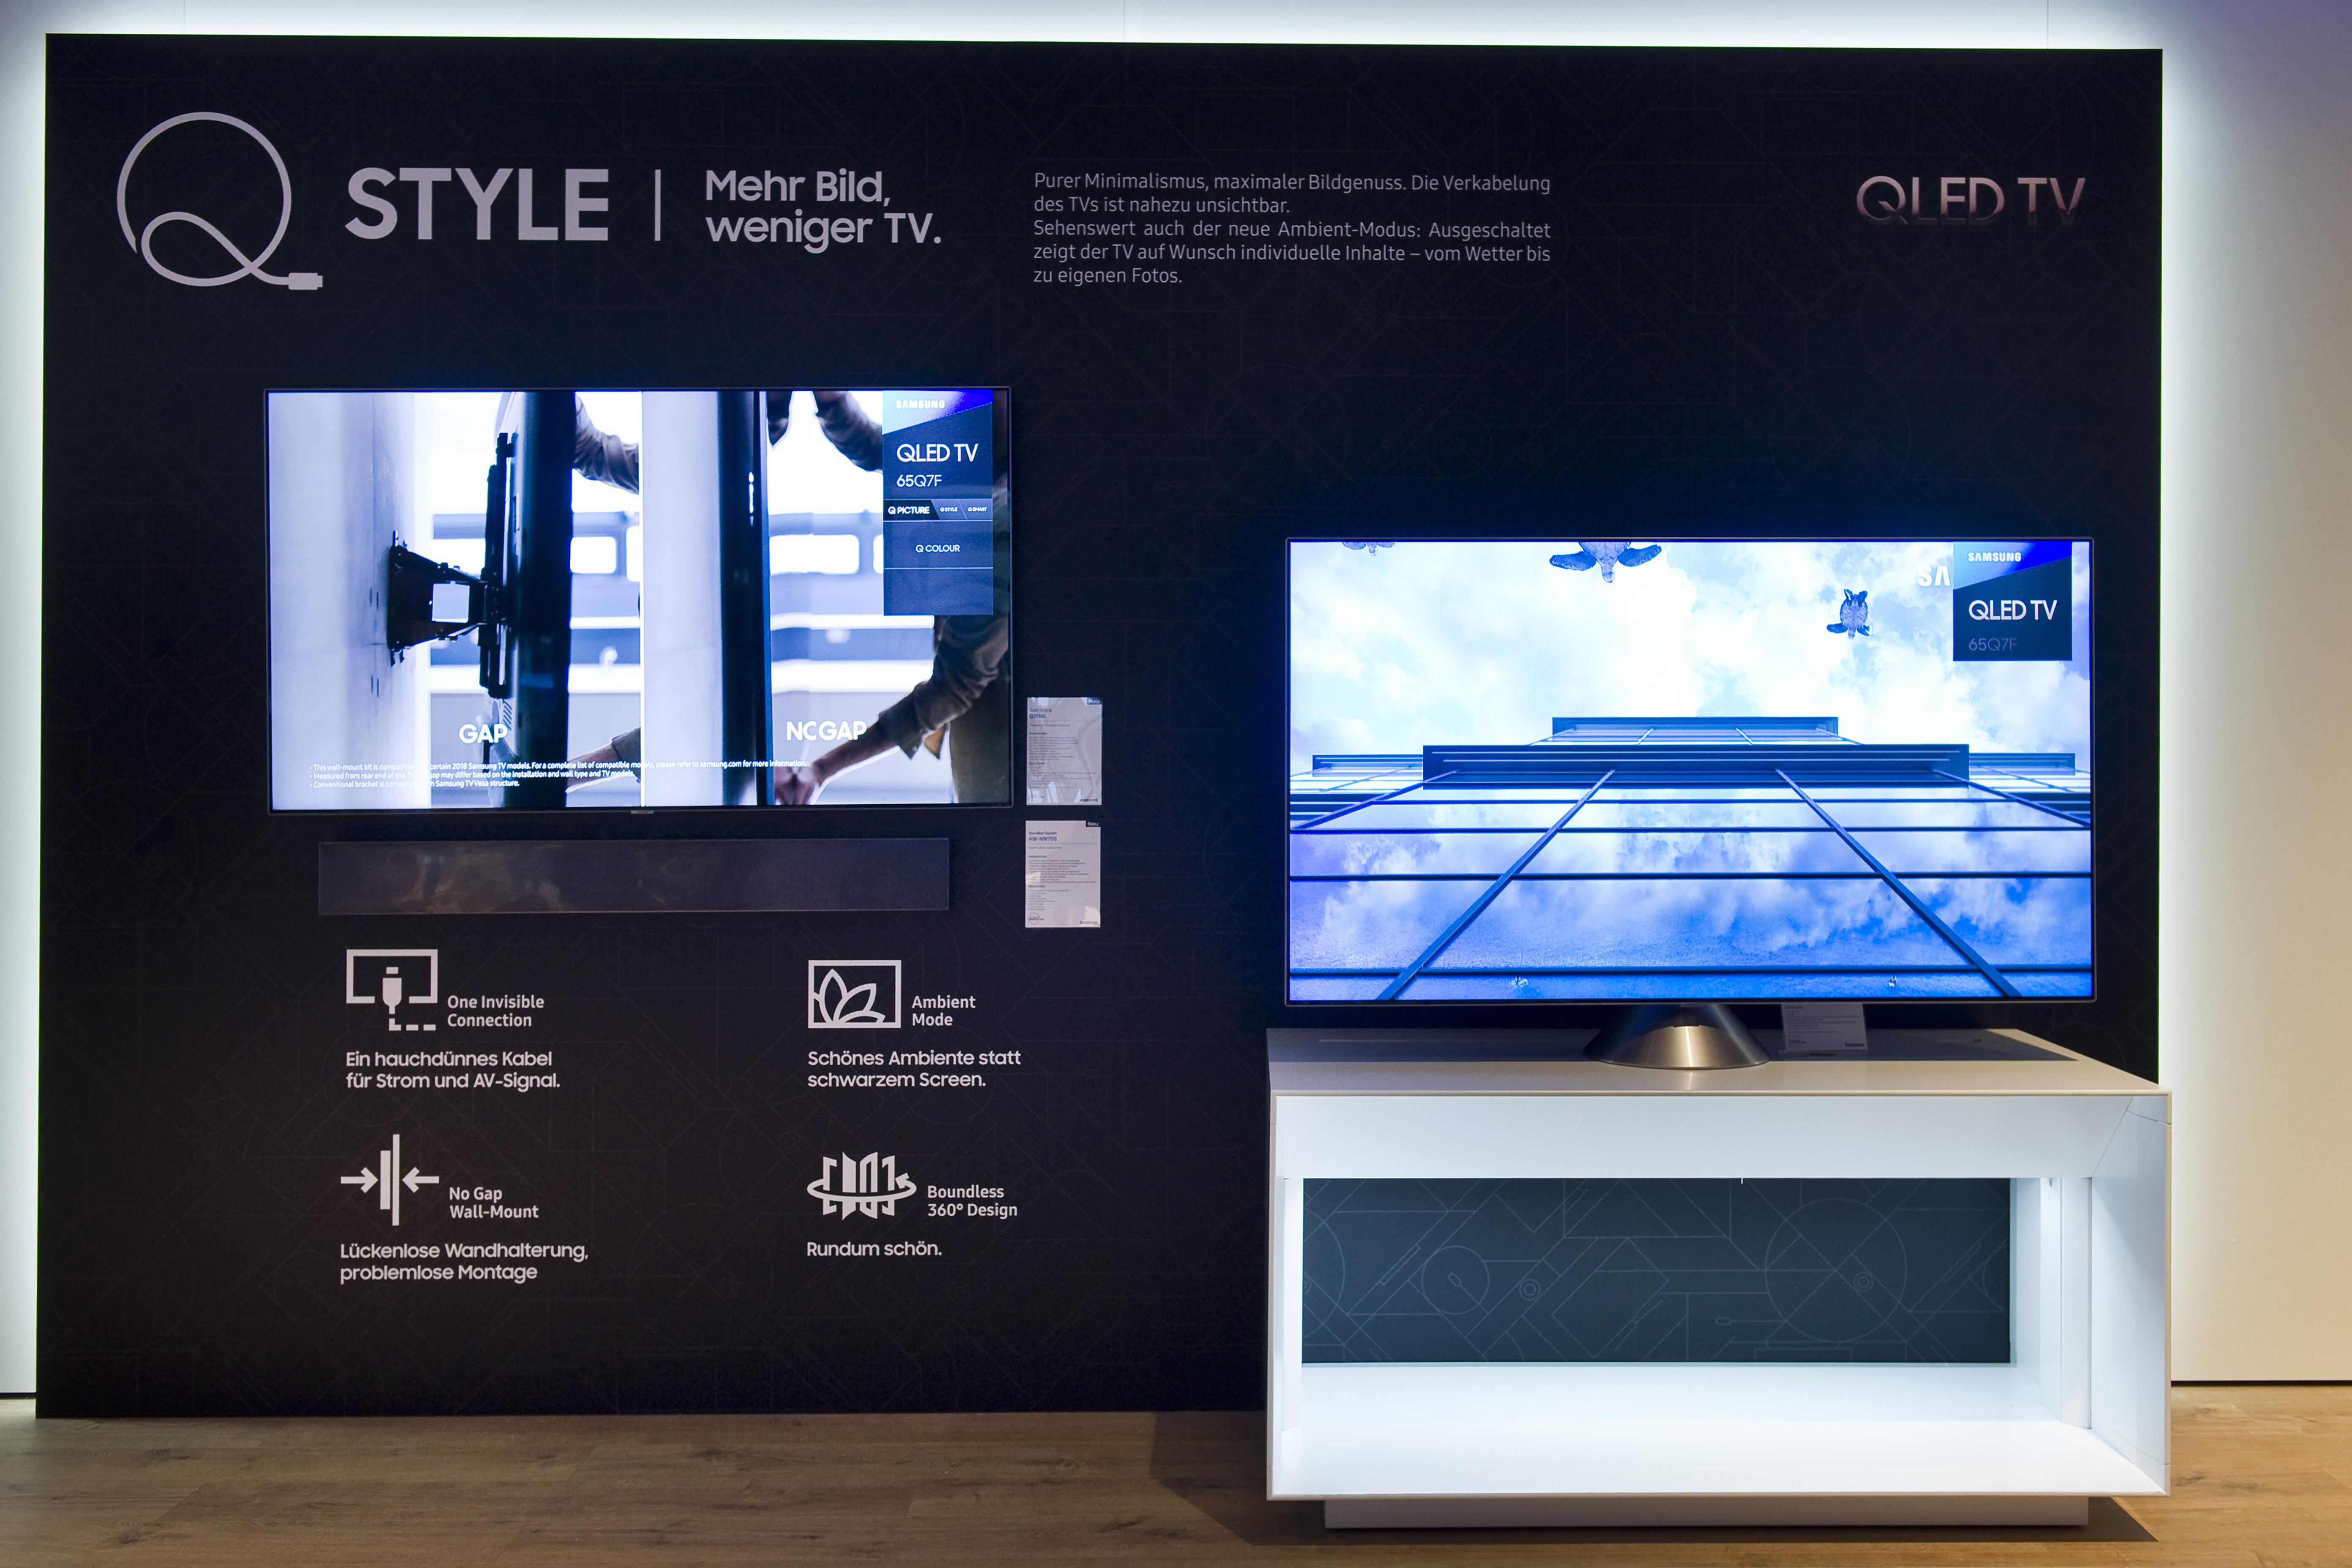 samsung fernseher 2018 samsung fernseher auf den top. Black Bedroom Furniture Sets. Home Design Ideas